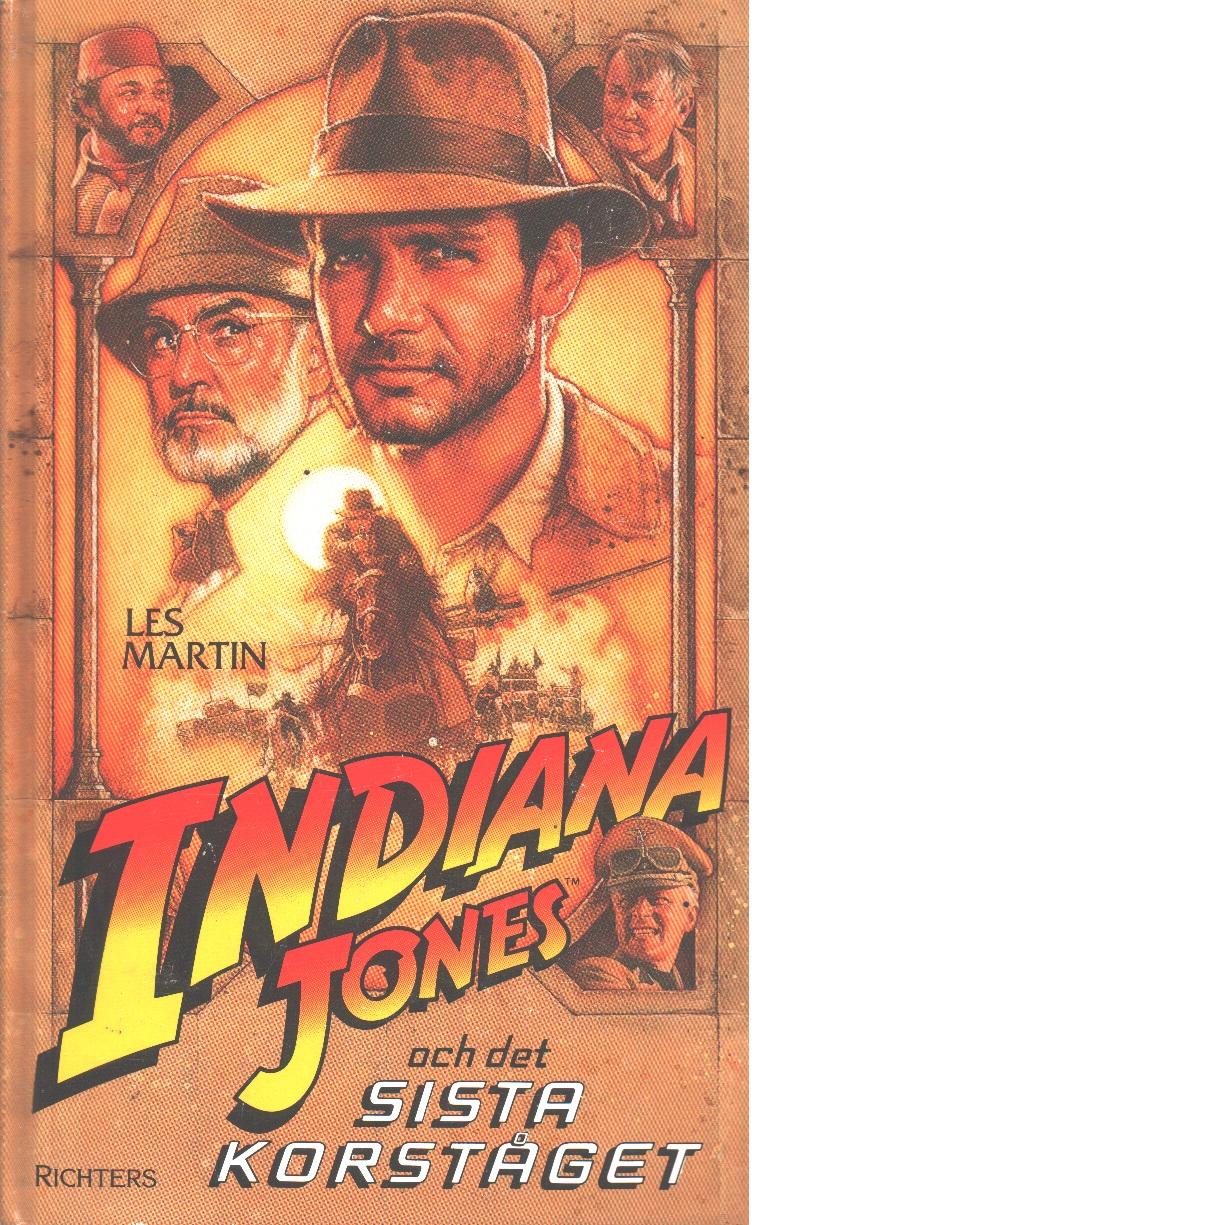 Indiana Jones och det sista korståget - Martin, Les